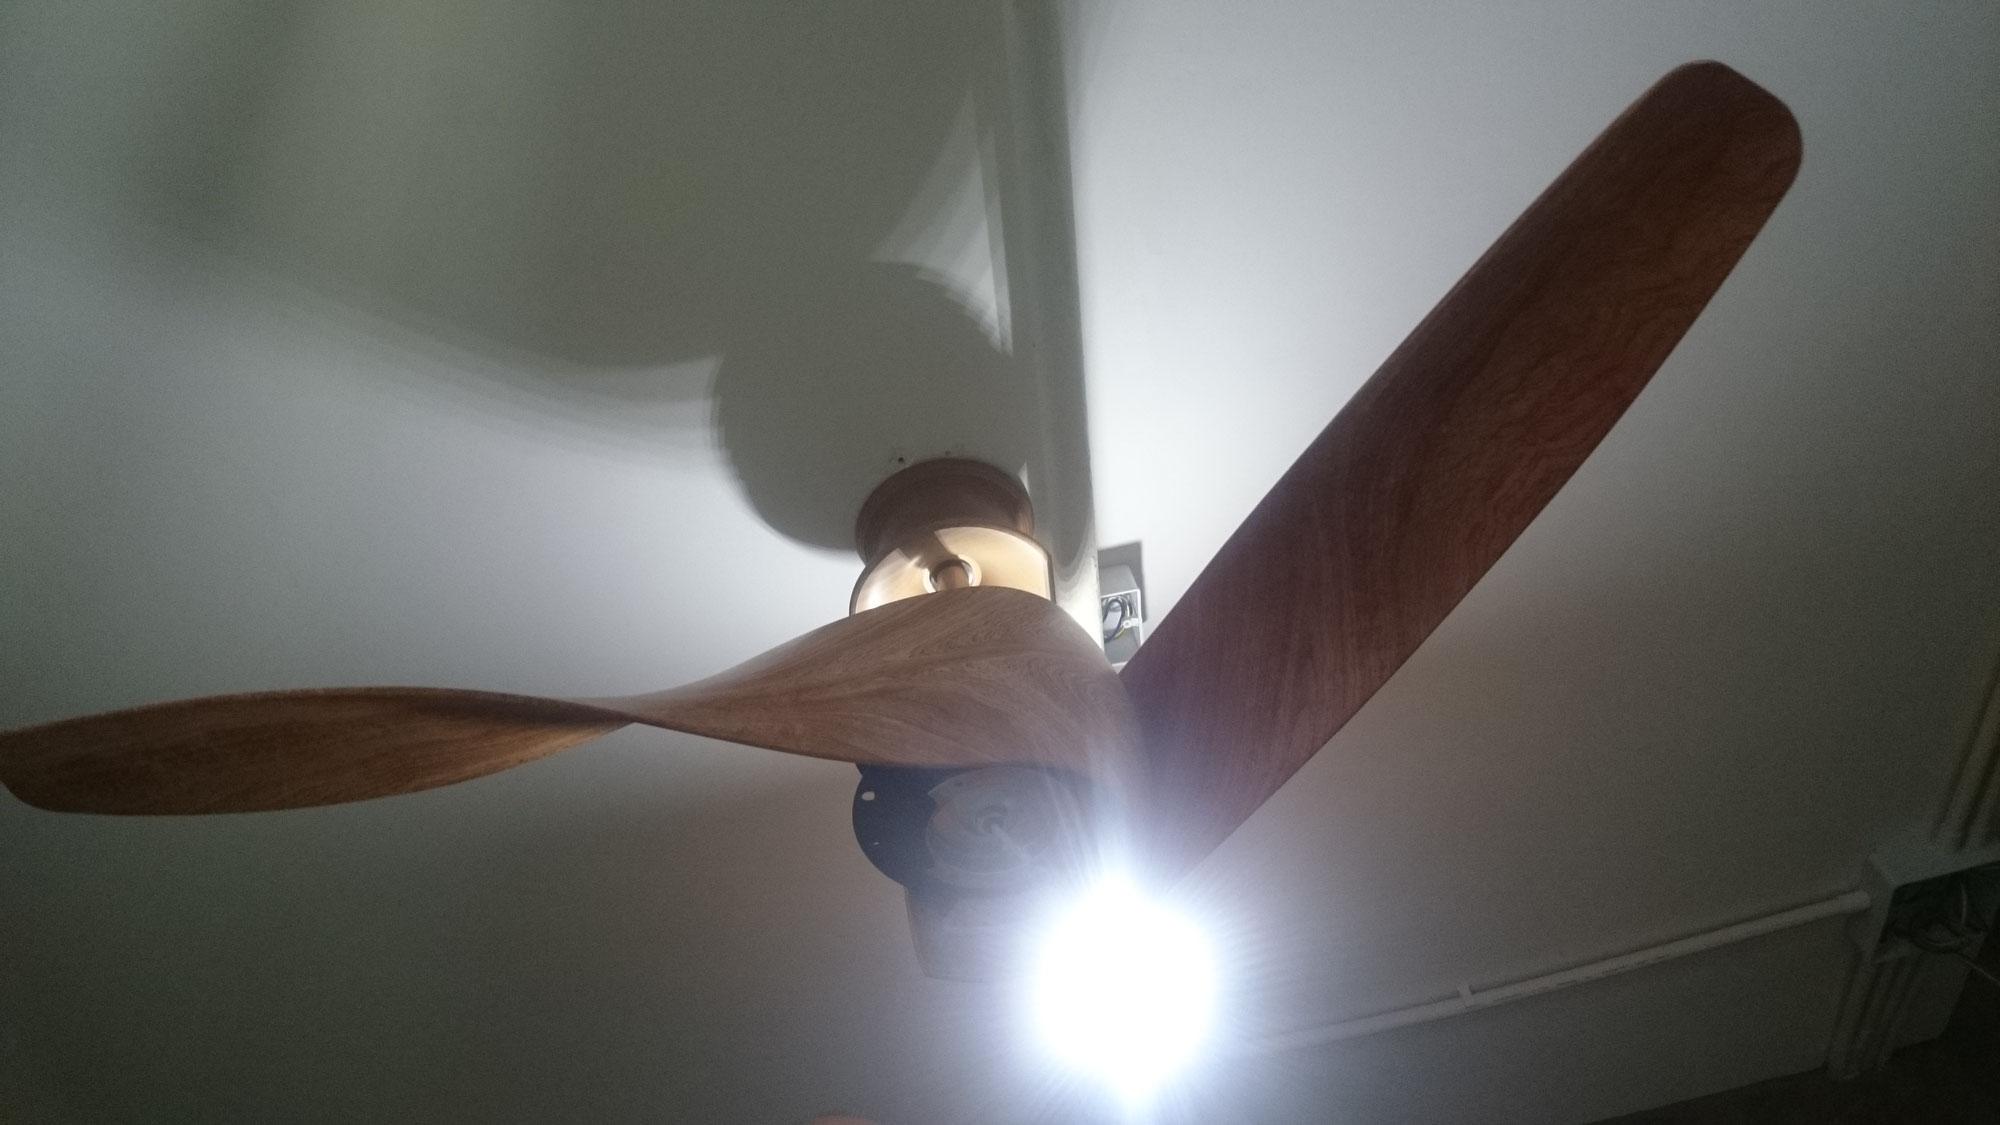 風扇燈安裝 Ceiling fan/ light installation